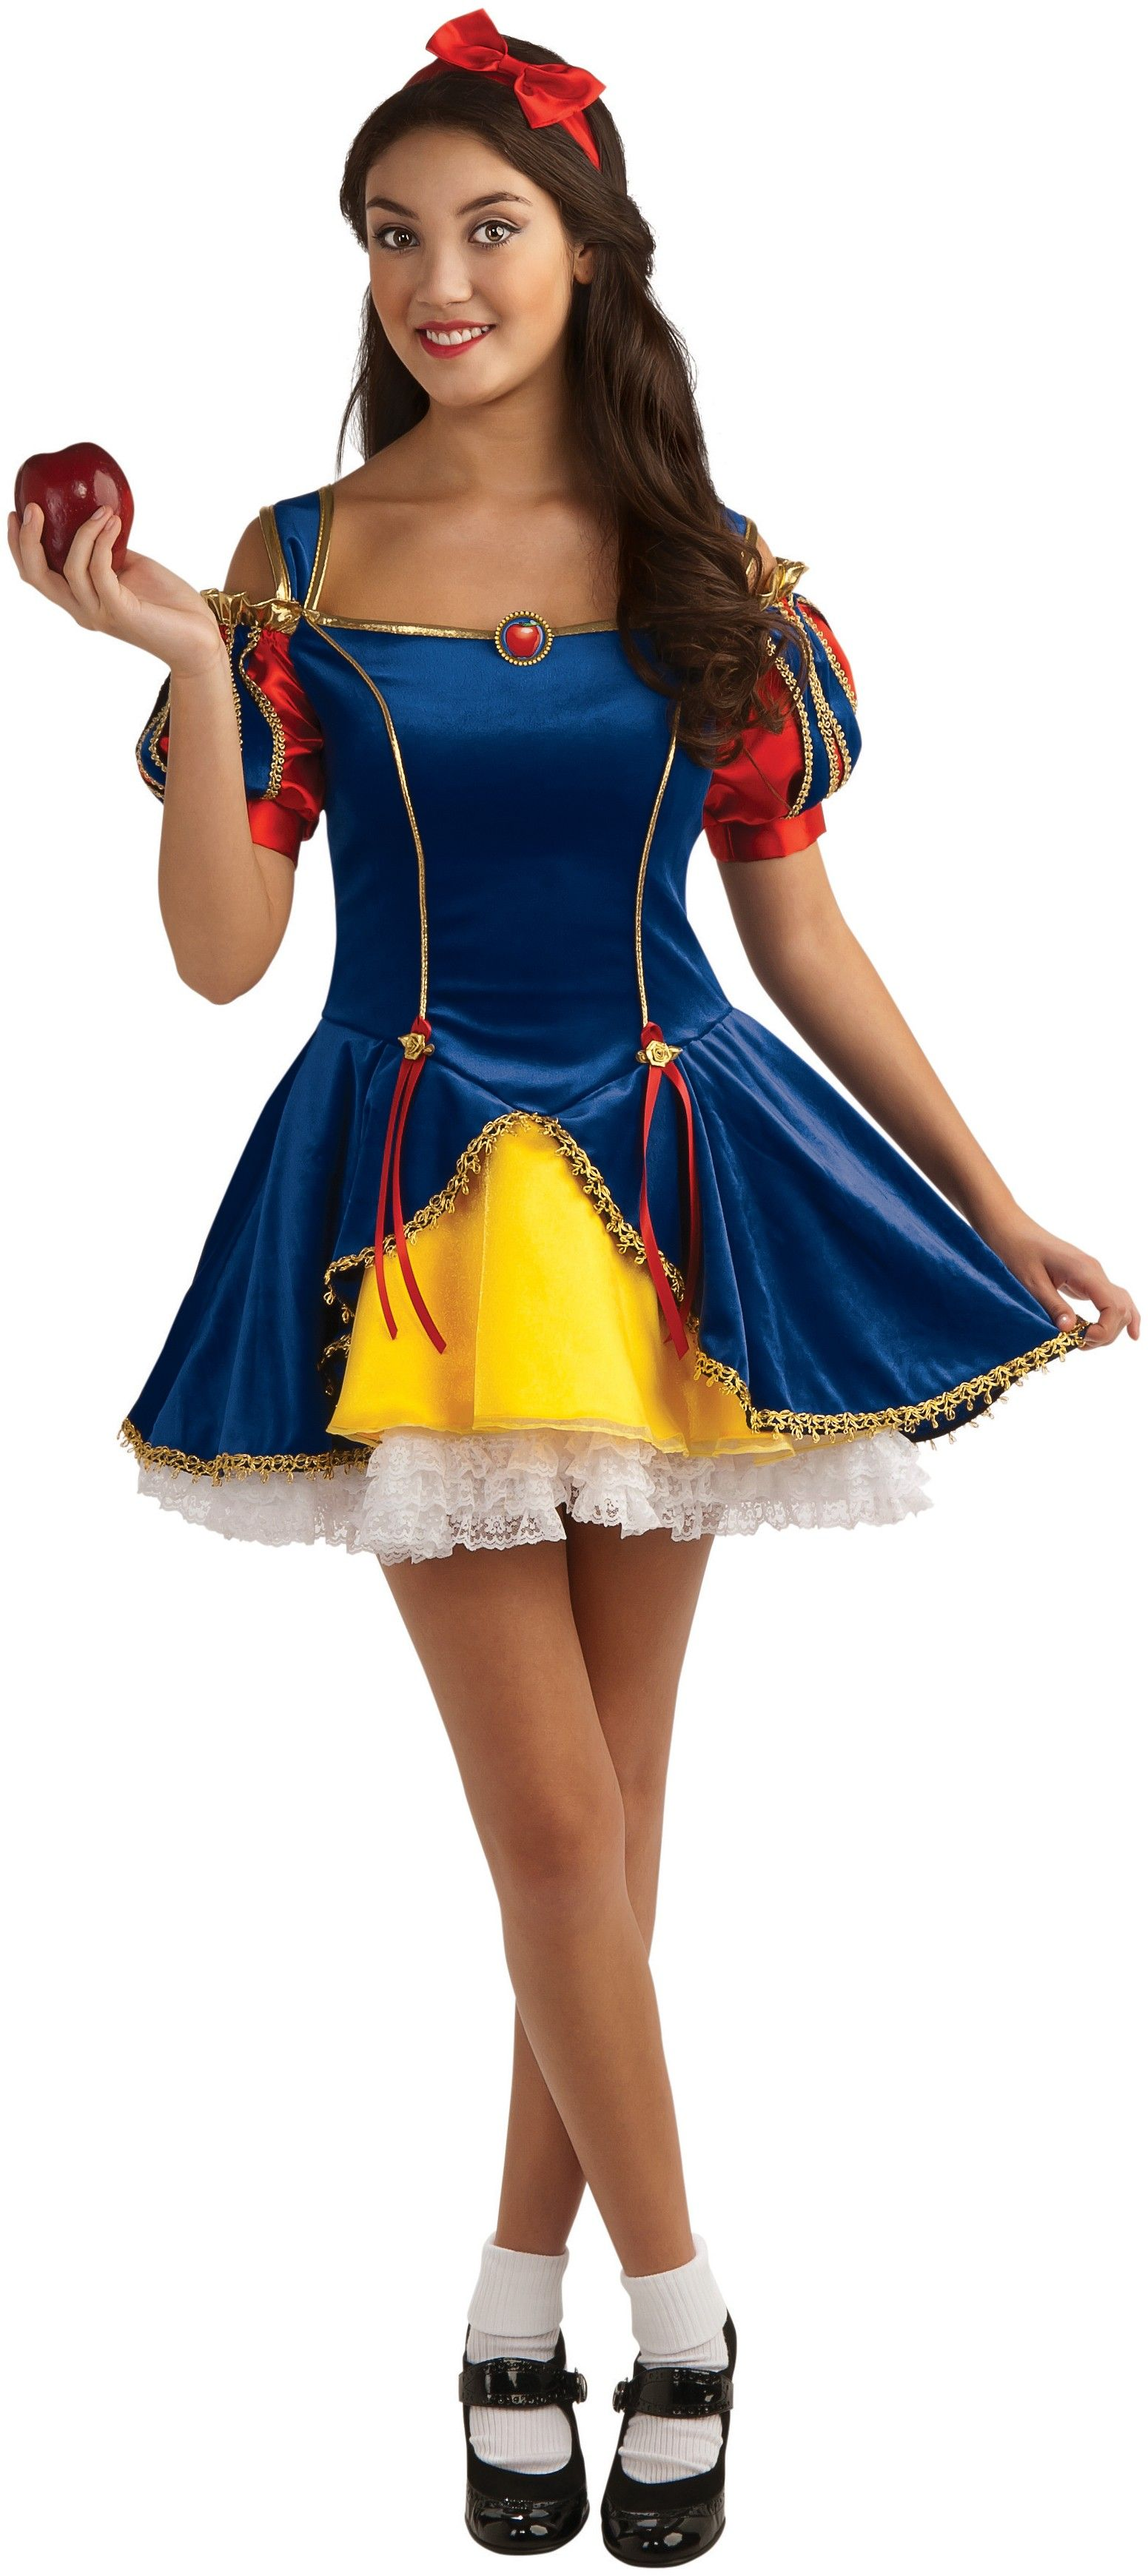 f4c54d700909 disfraces adolescentes - Buscar con Google Carnaval, Disfraces Graciosos, Disfraces  Para Adultos, Disfraz